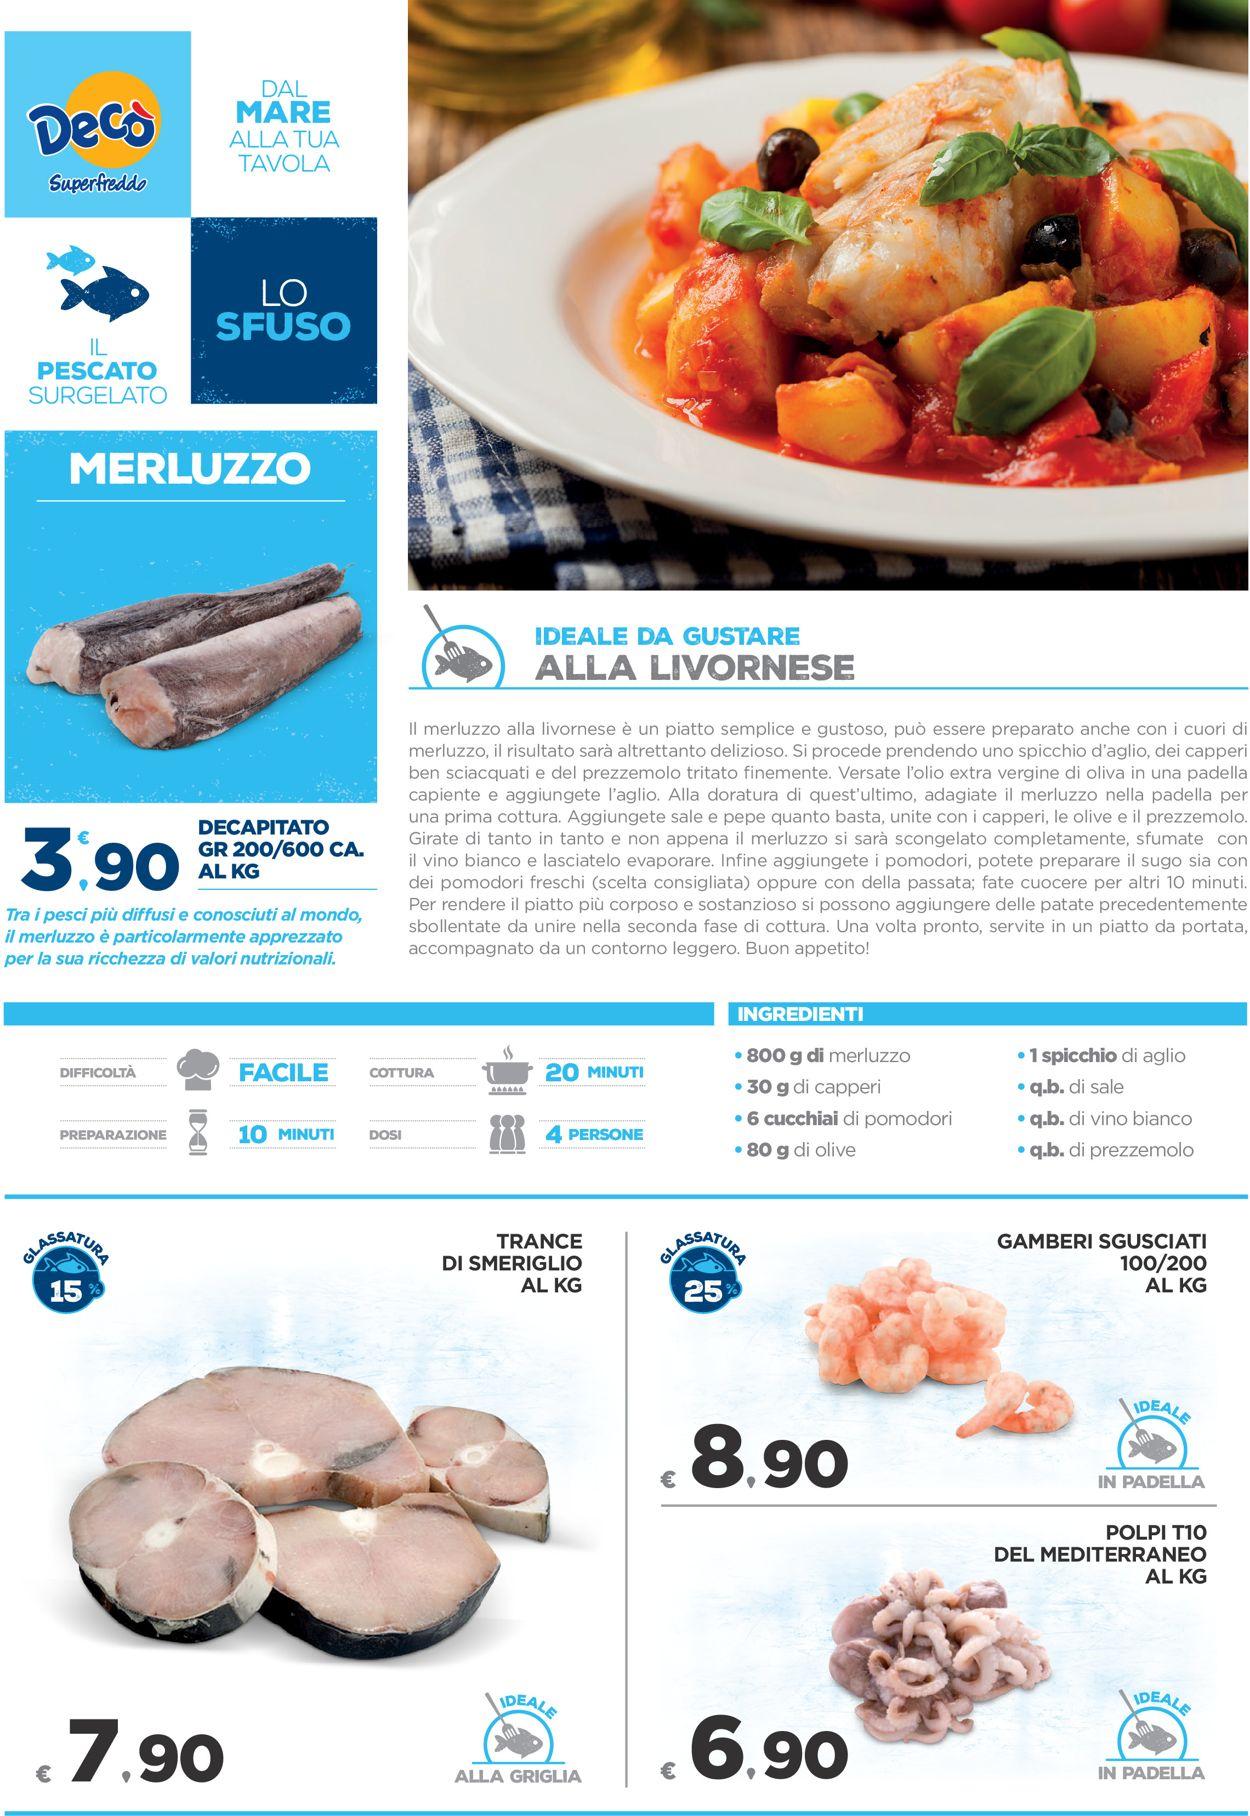 Volantino Deco - Offerte 29/11-09/12/2019 (Pagina 2)